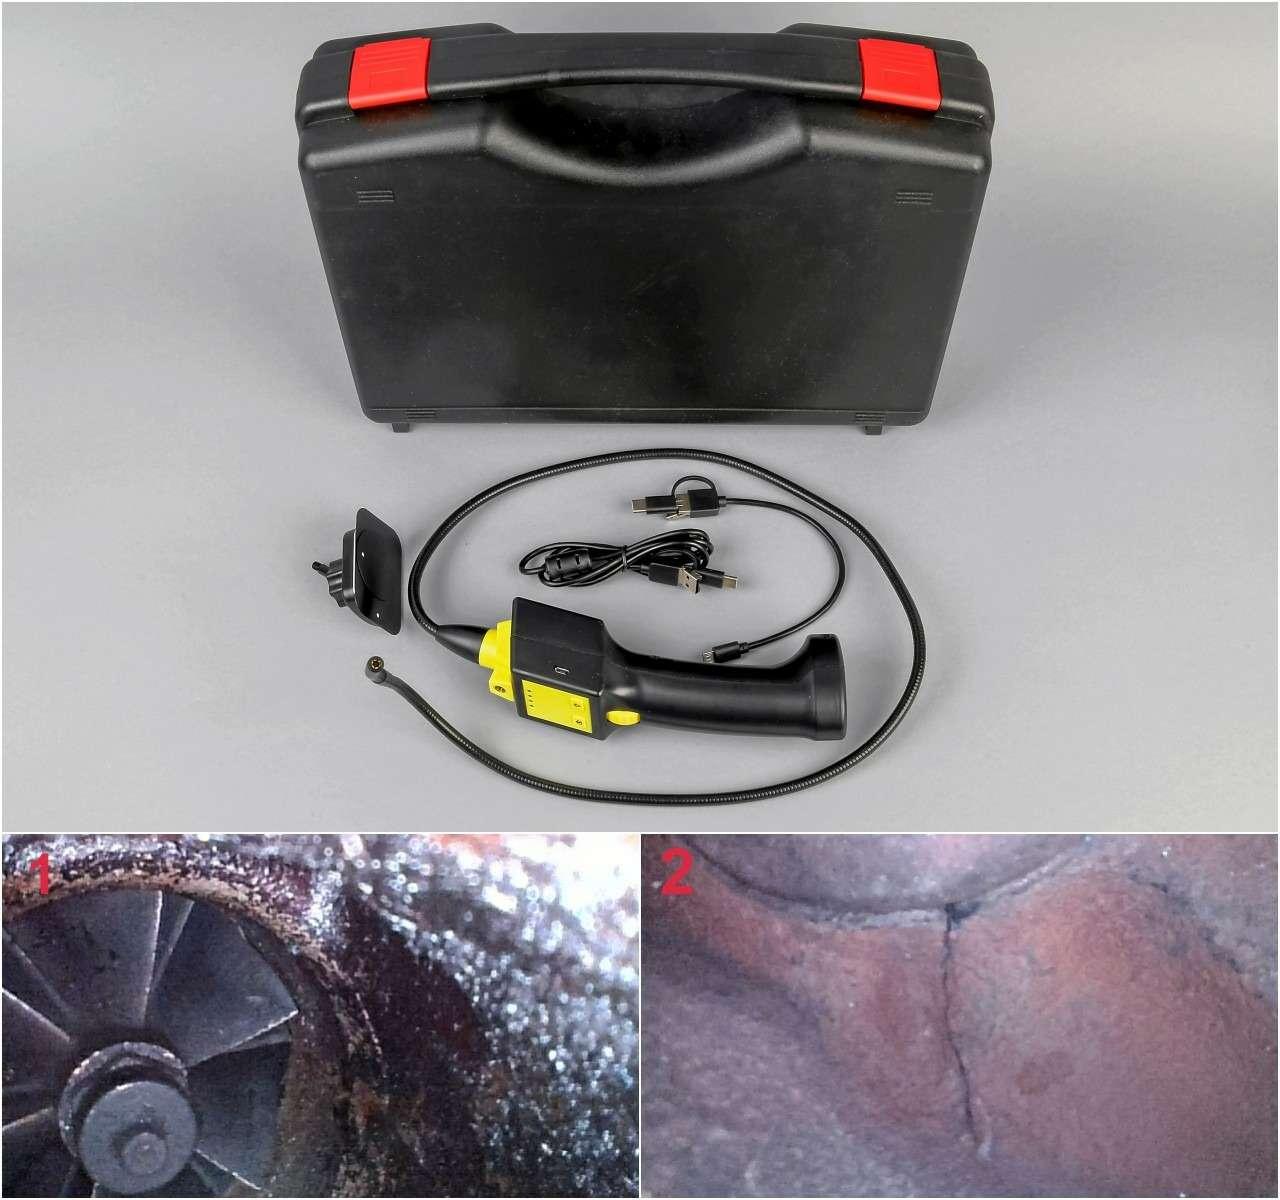 Эндоскопы длявашего авто: экспертиза «Зарулем»— фото 1241358